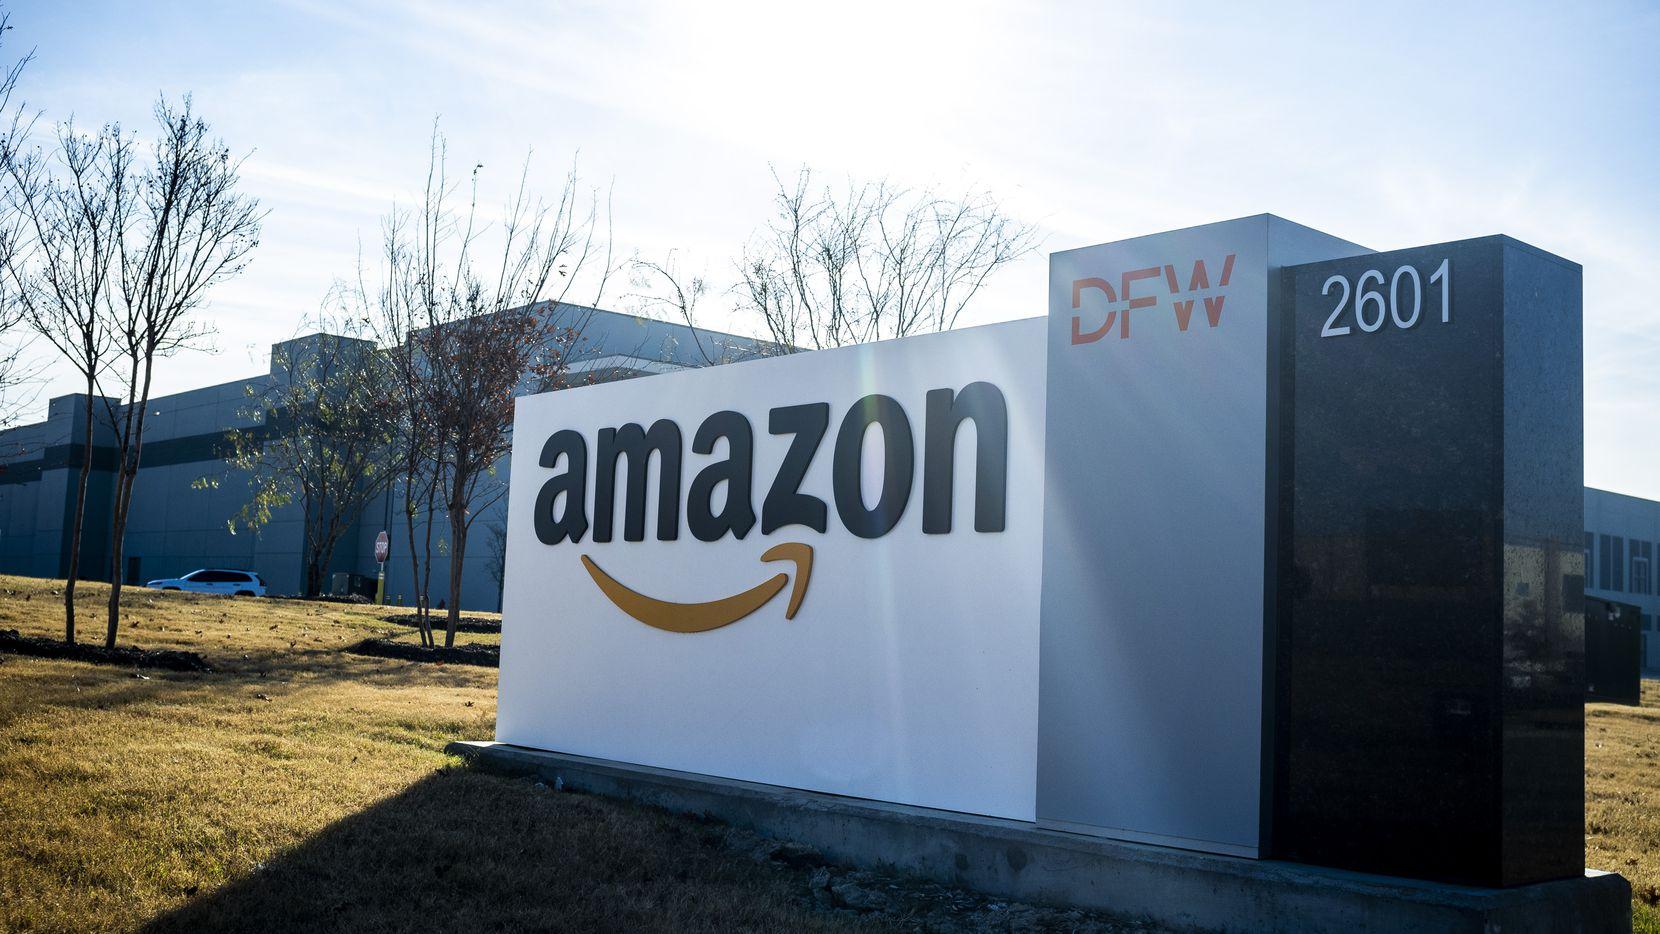 An Amazon fulfillment center near DFW International Airport.